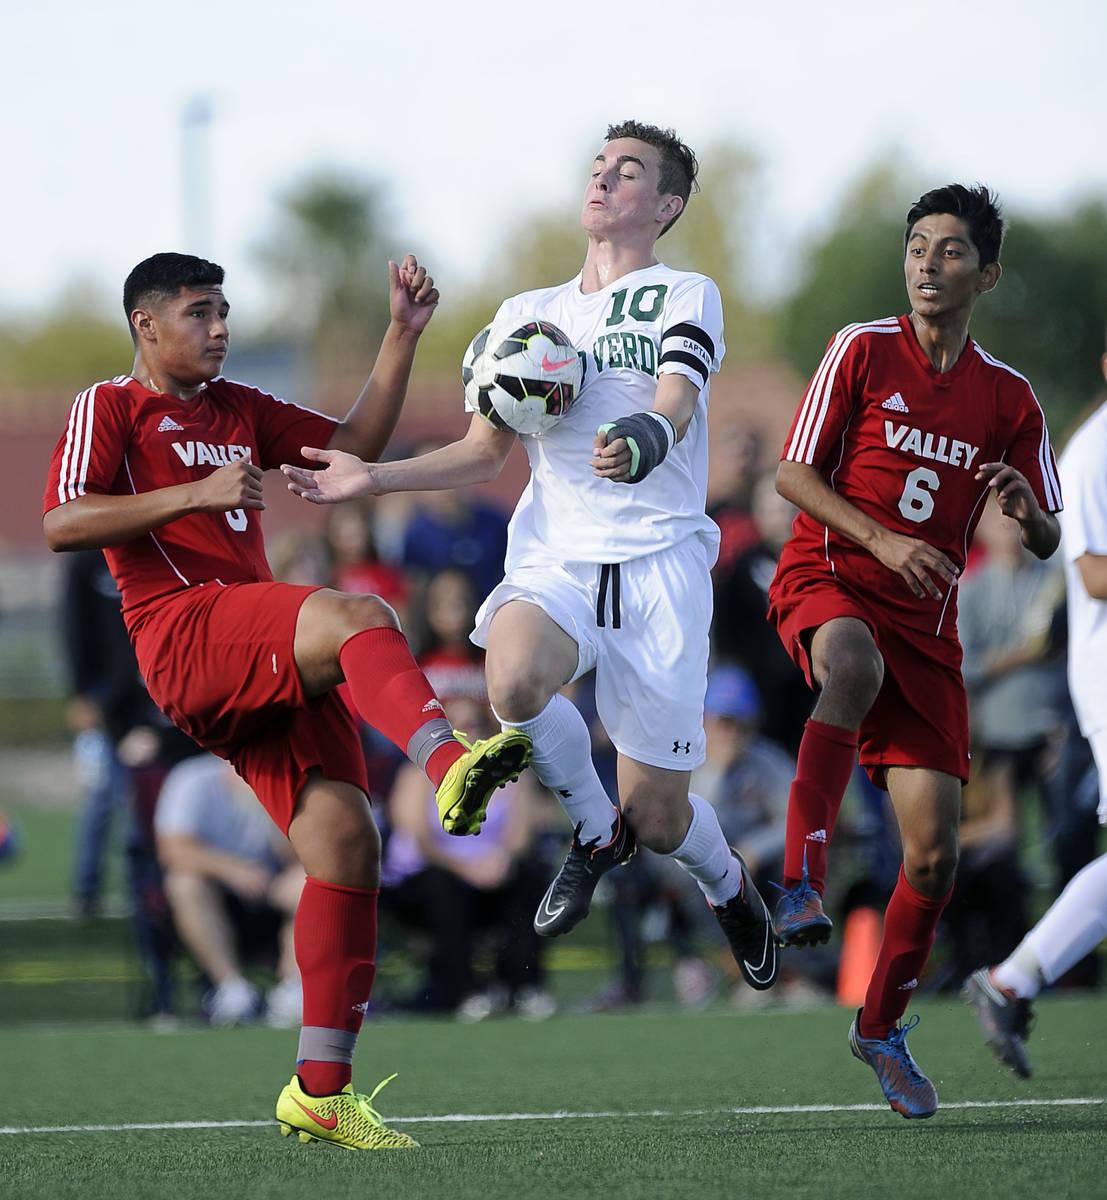 Palo Verde striker Nolan Sherwood (10) cradles a goal kick in front of Valley defender Abraham ...